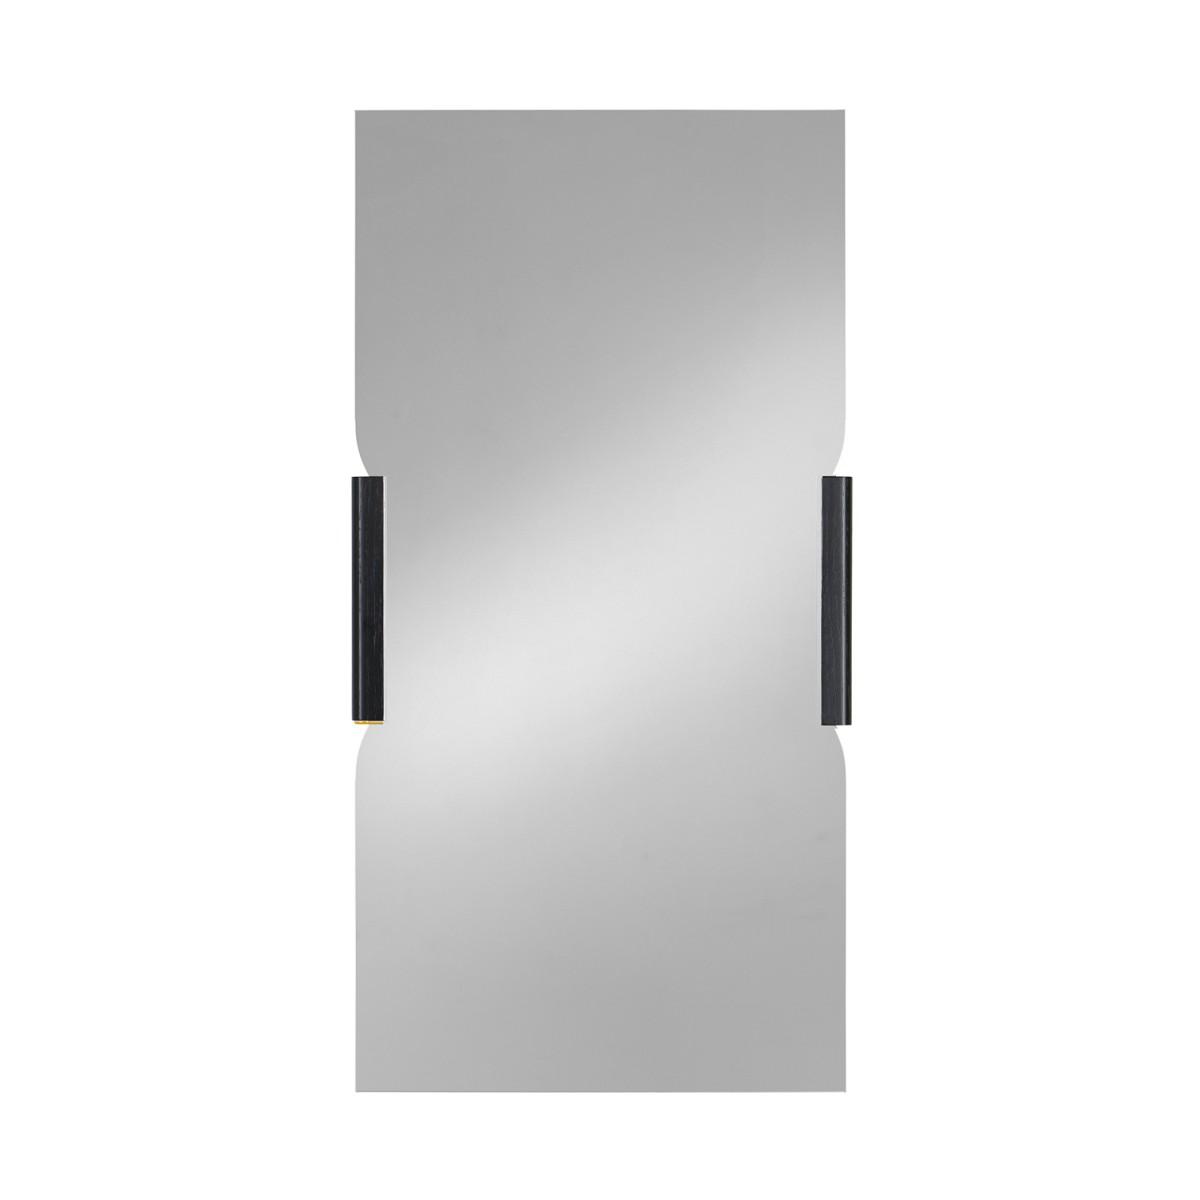 BRACE Wandspiegel Höhe 100 cm lackiert nach Wunsch